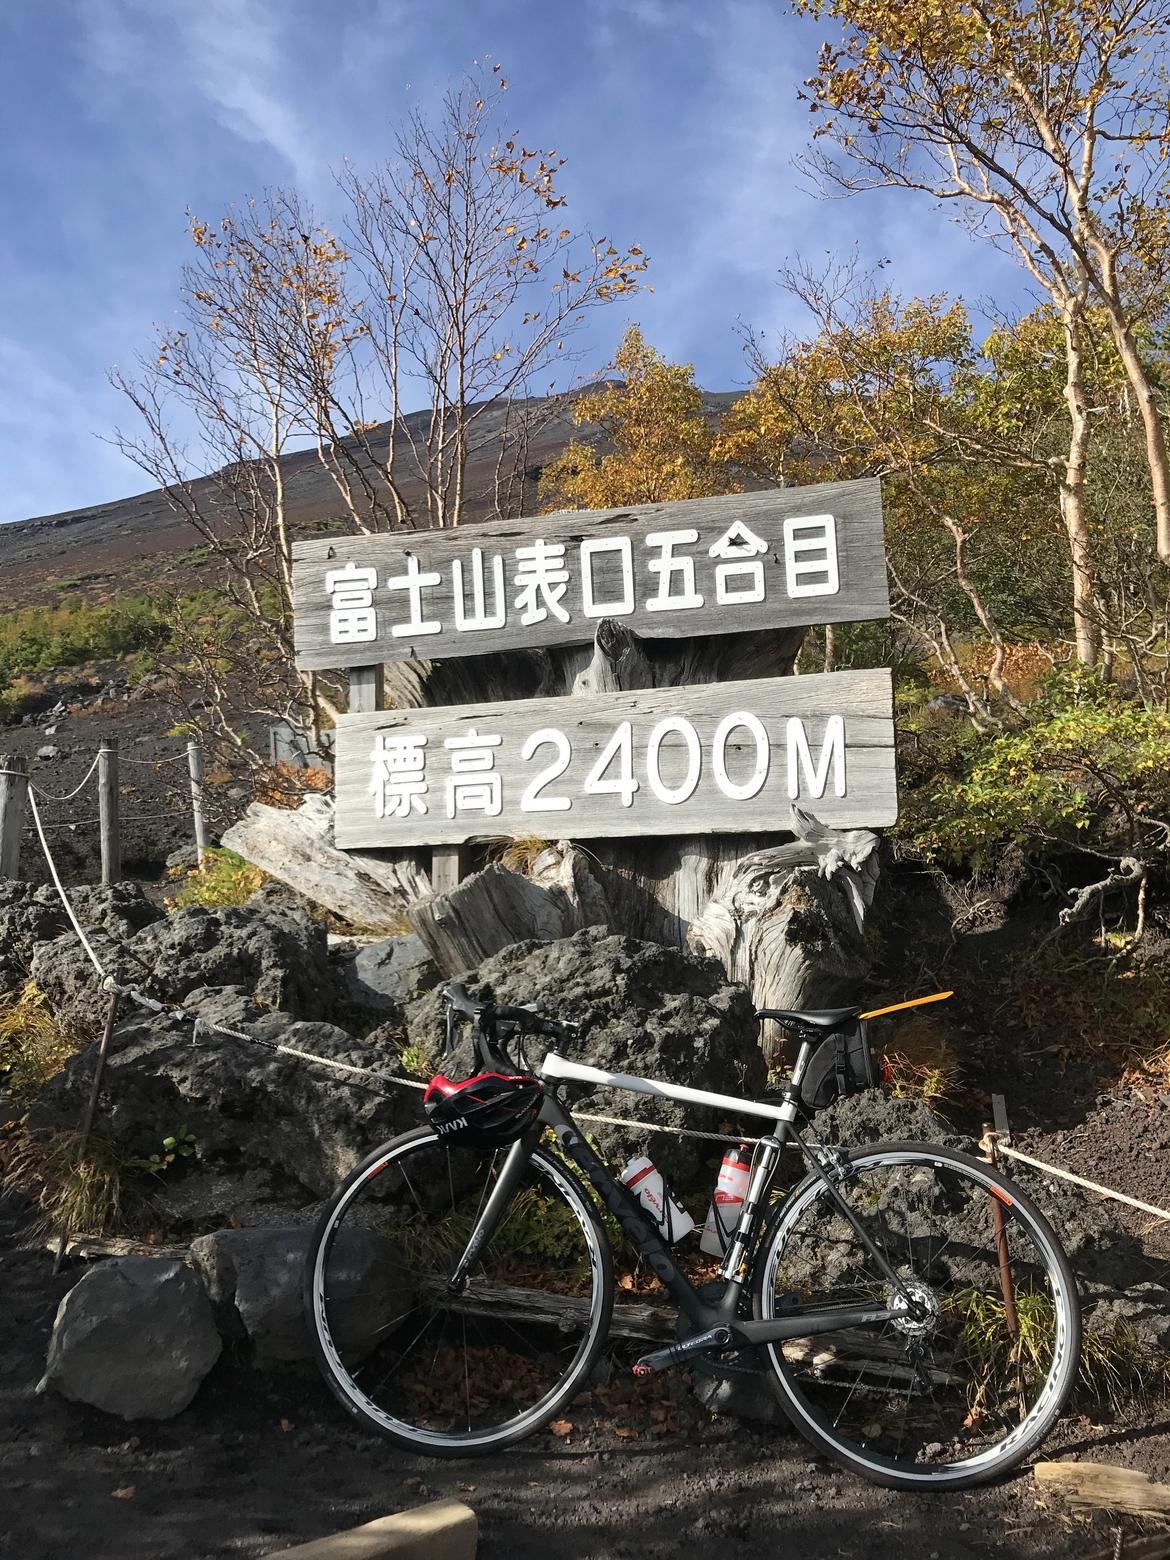 富士山表口五合目,海拔2400米